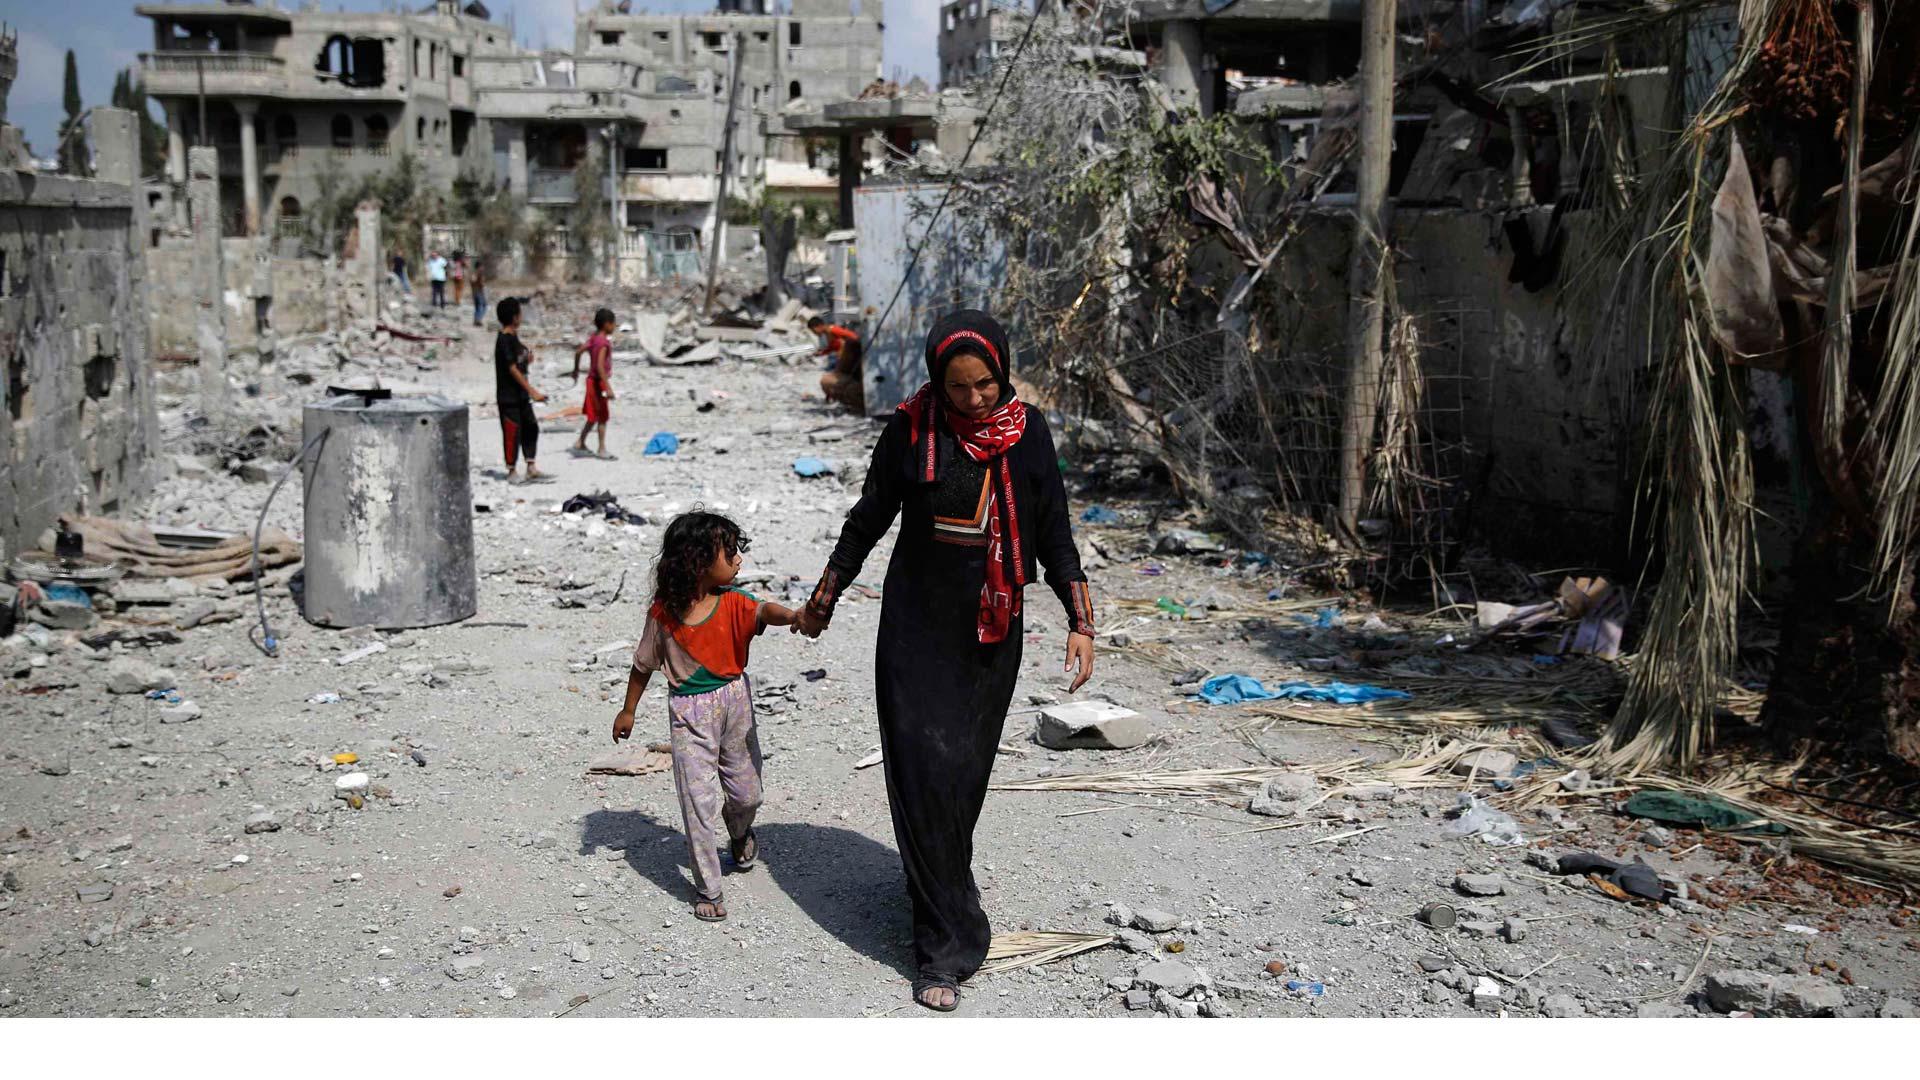 Las intervenciones militares han dañado la infraestructura, lo que ha impedido la reconstrucción y recuperación económica de la zona